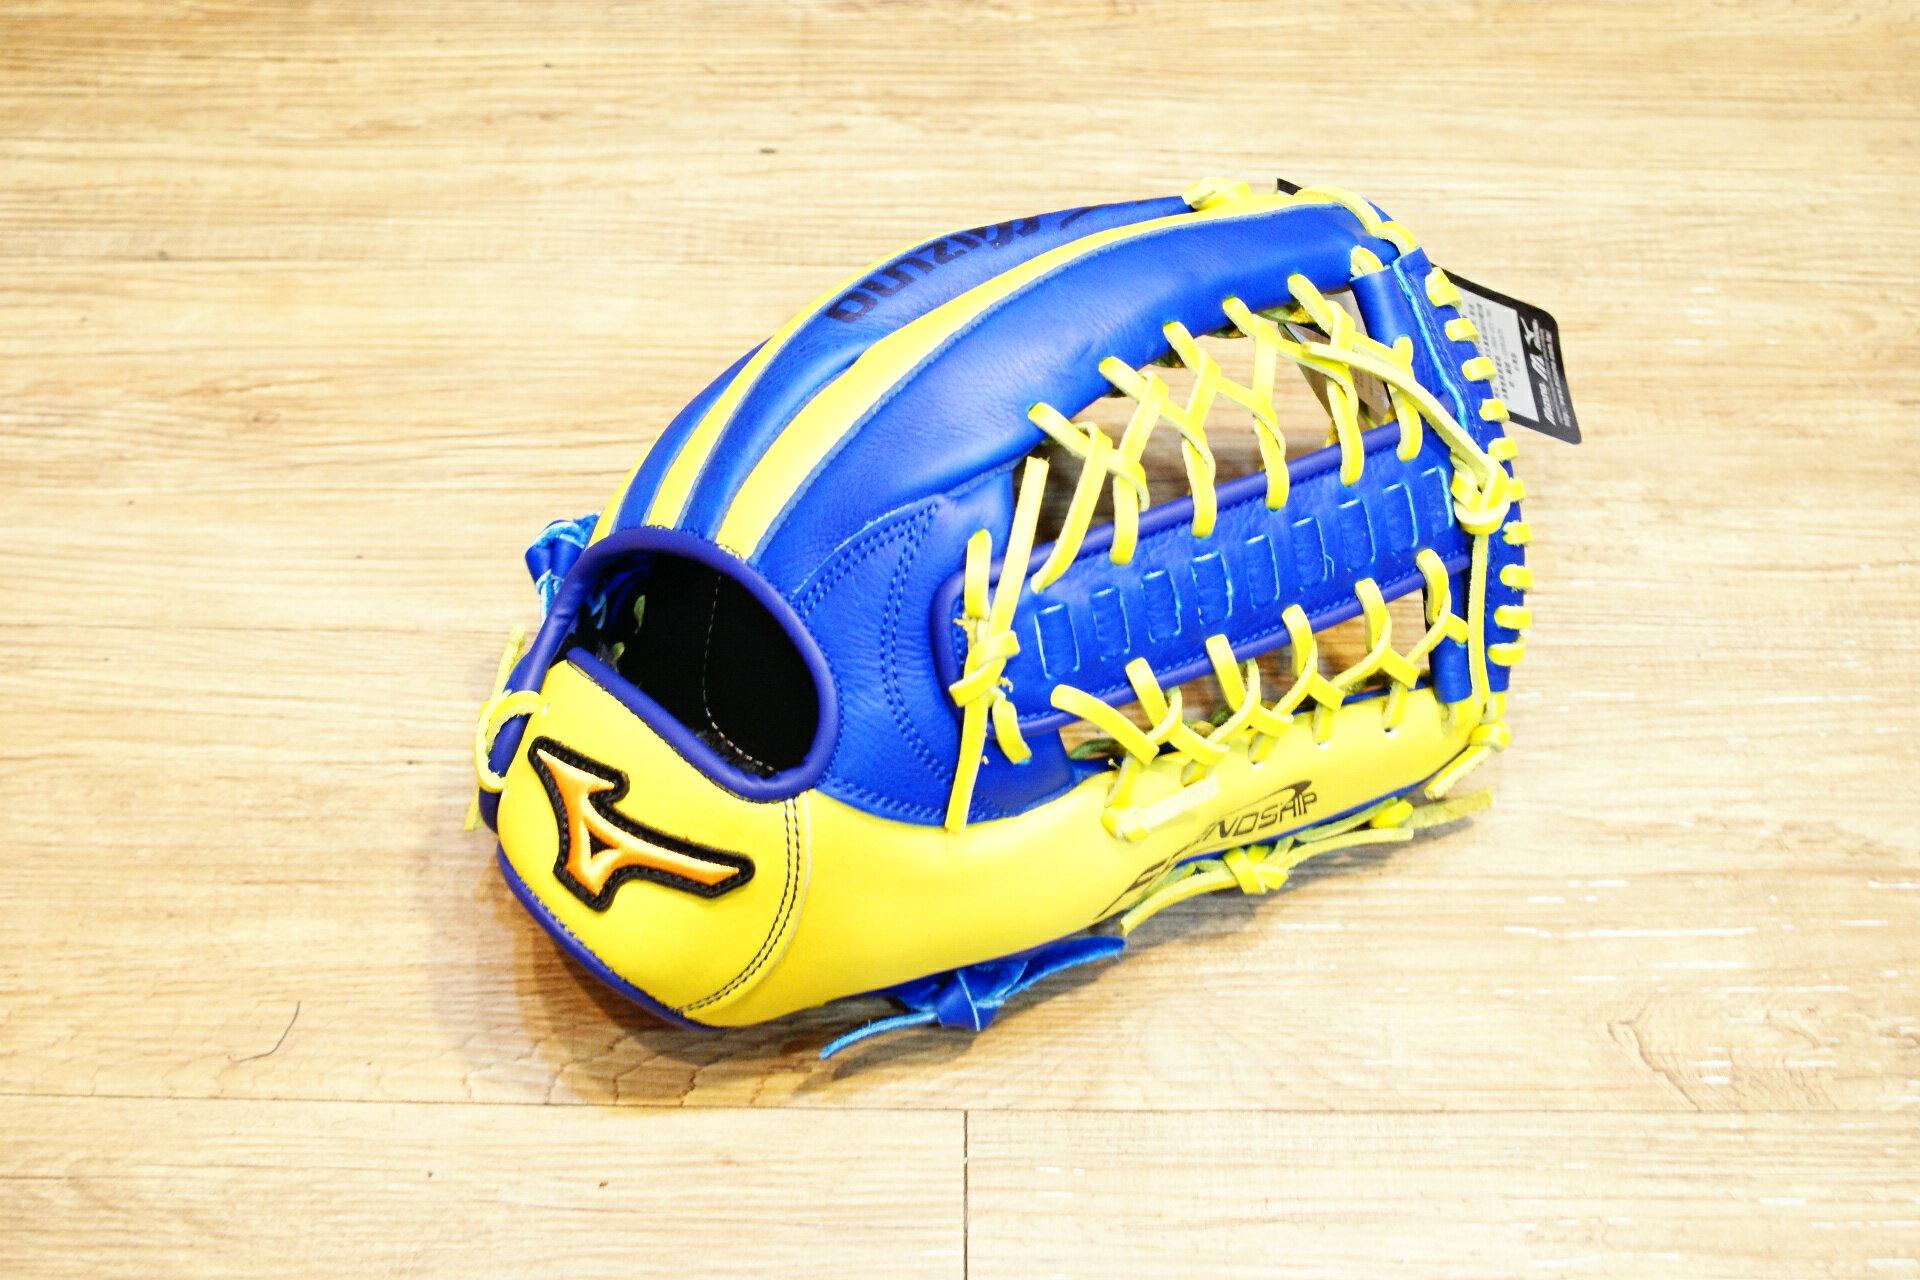 棒球世界 Mizuno 美津濃 FRIEND SHIP 壘球手套 1ATGS50890 特價萊姆藍配色 T網檔